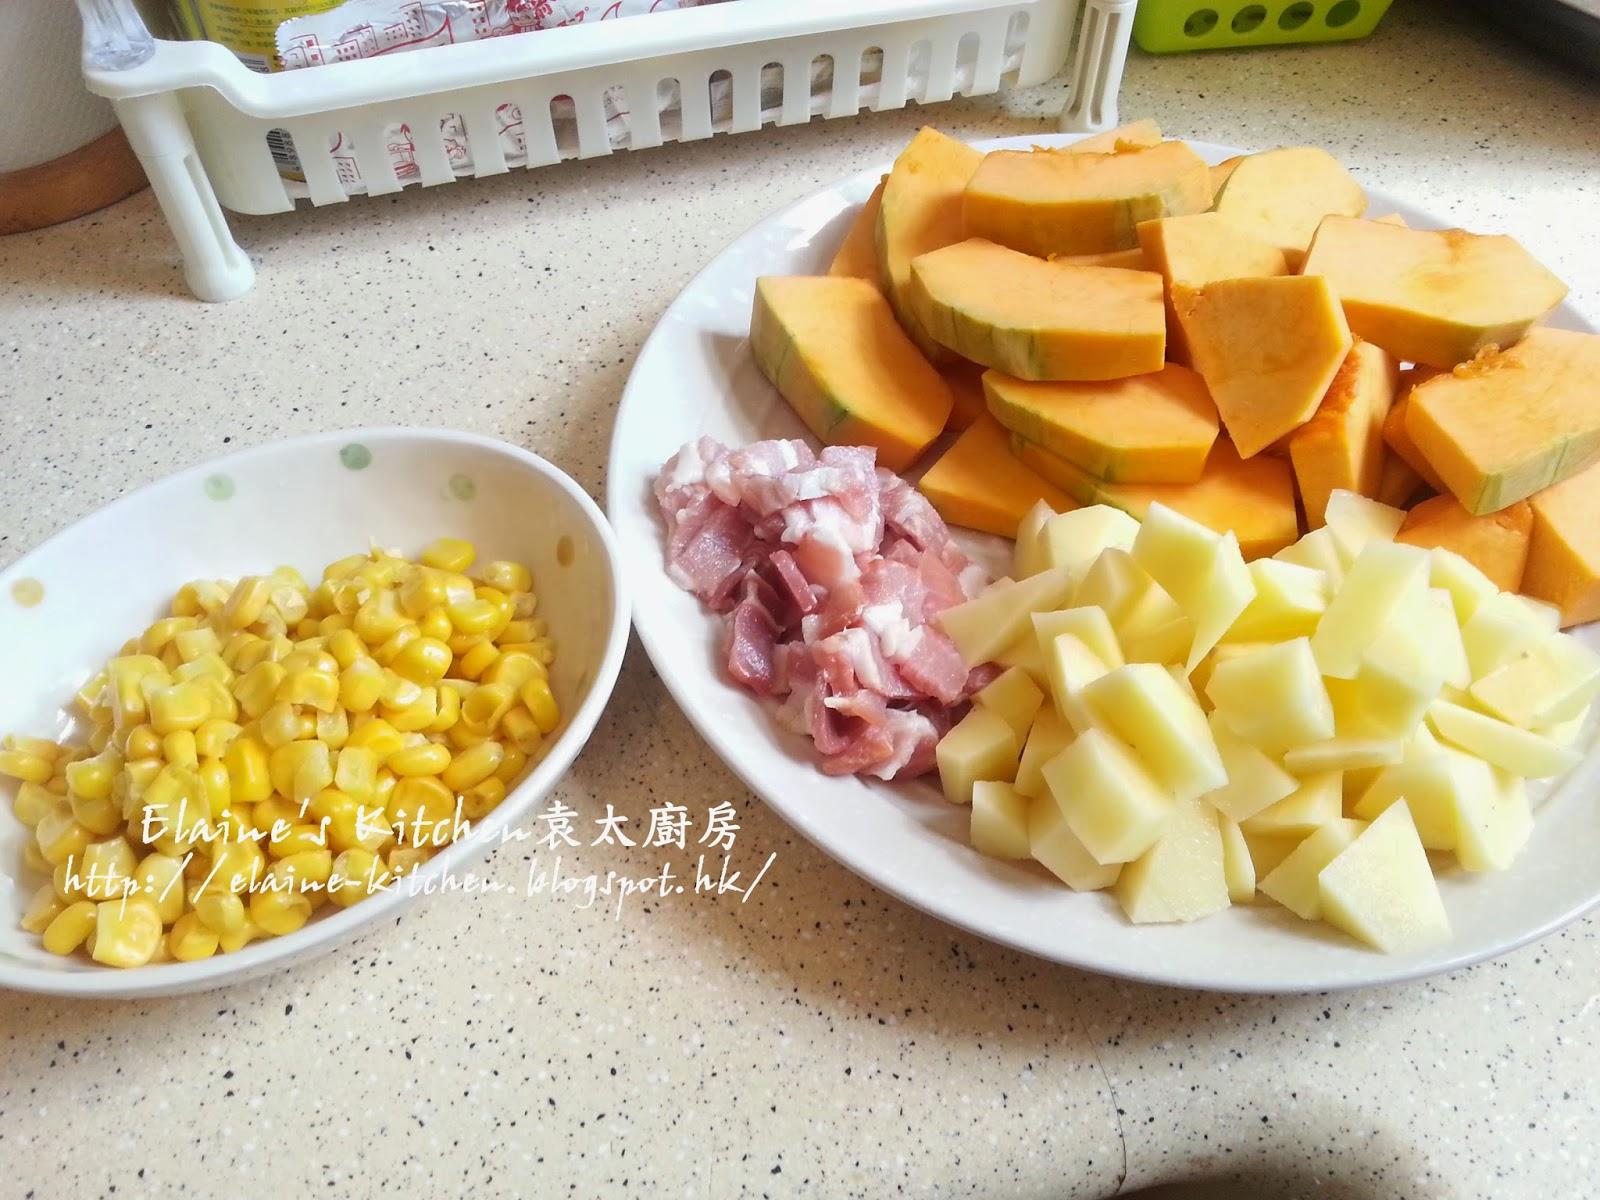 袁太廚房 - 平凡生活煮意: 煙肉粟米天使麵拌南瓜湯